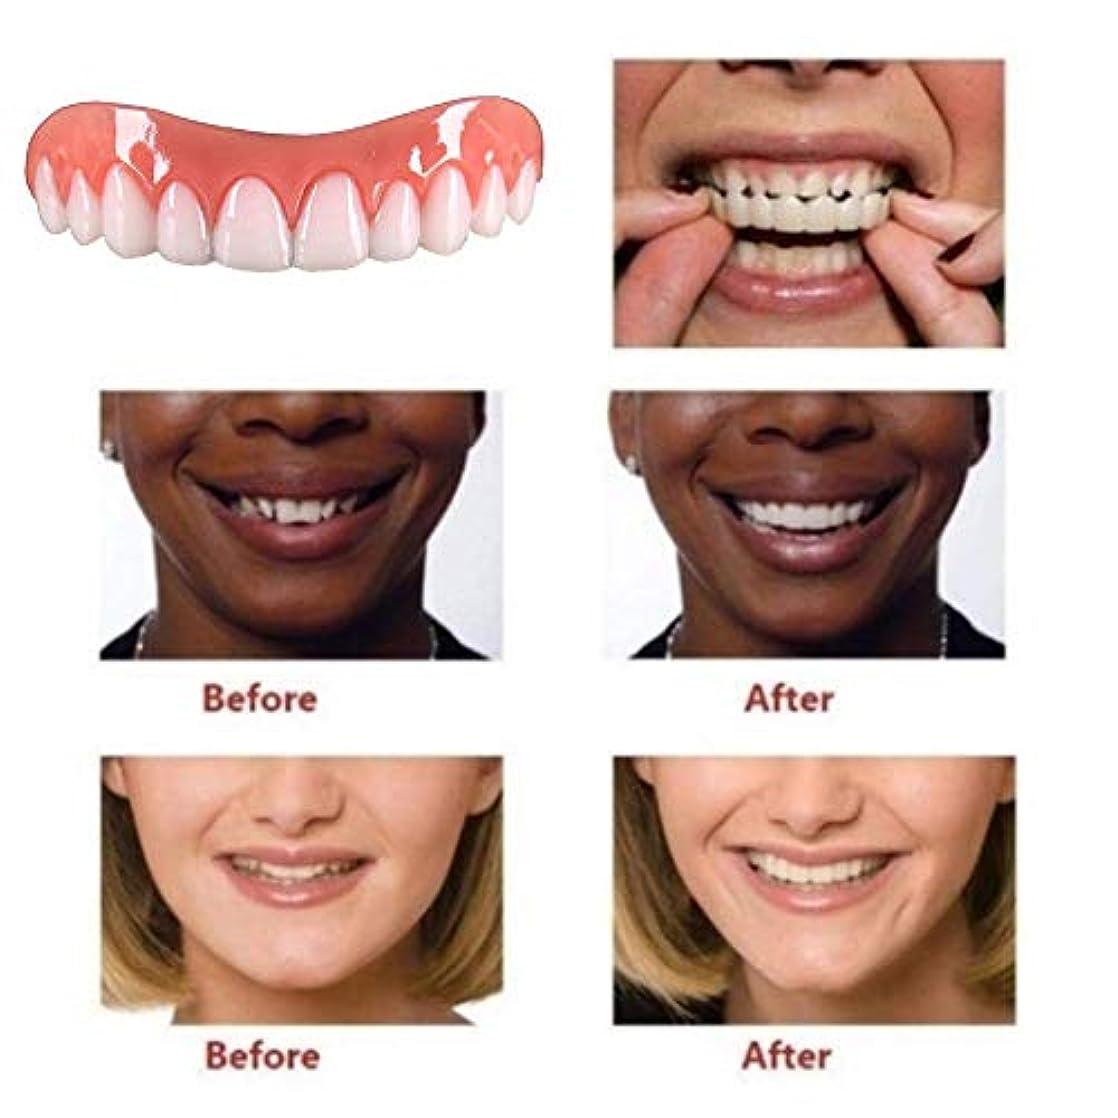 虐待麻痺前売3個のアッパーシリカゲルフェイク歯パーフェクトスマイルフィットスナップインホワイトニングコンフォートスマイルコスメティックデンタル